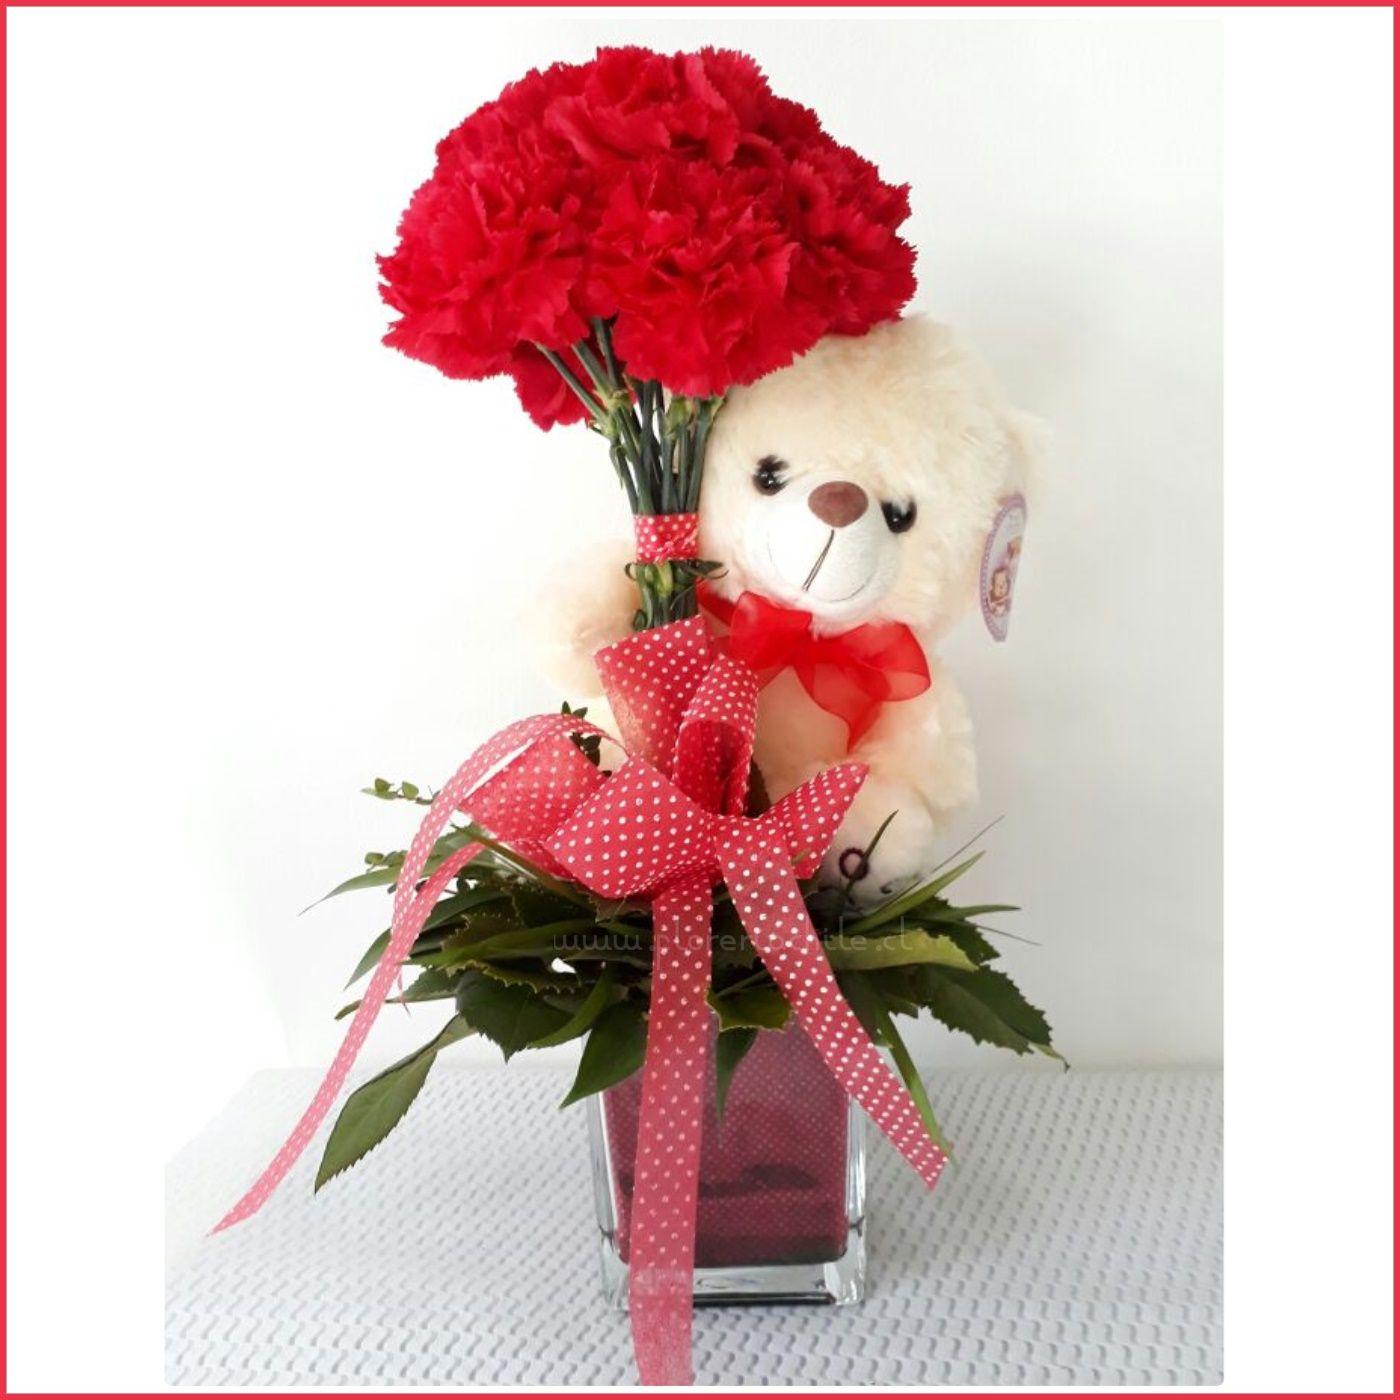 Hermoso Arreglo Floral Con 10 Claveles Rojos Acompañado De